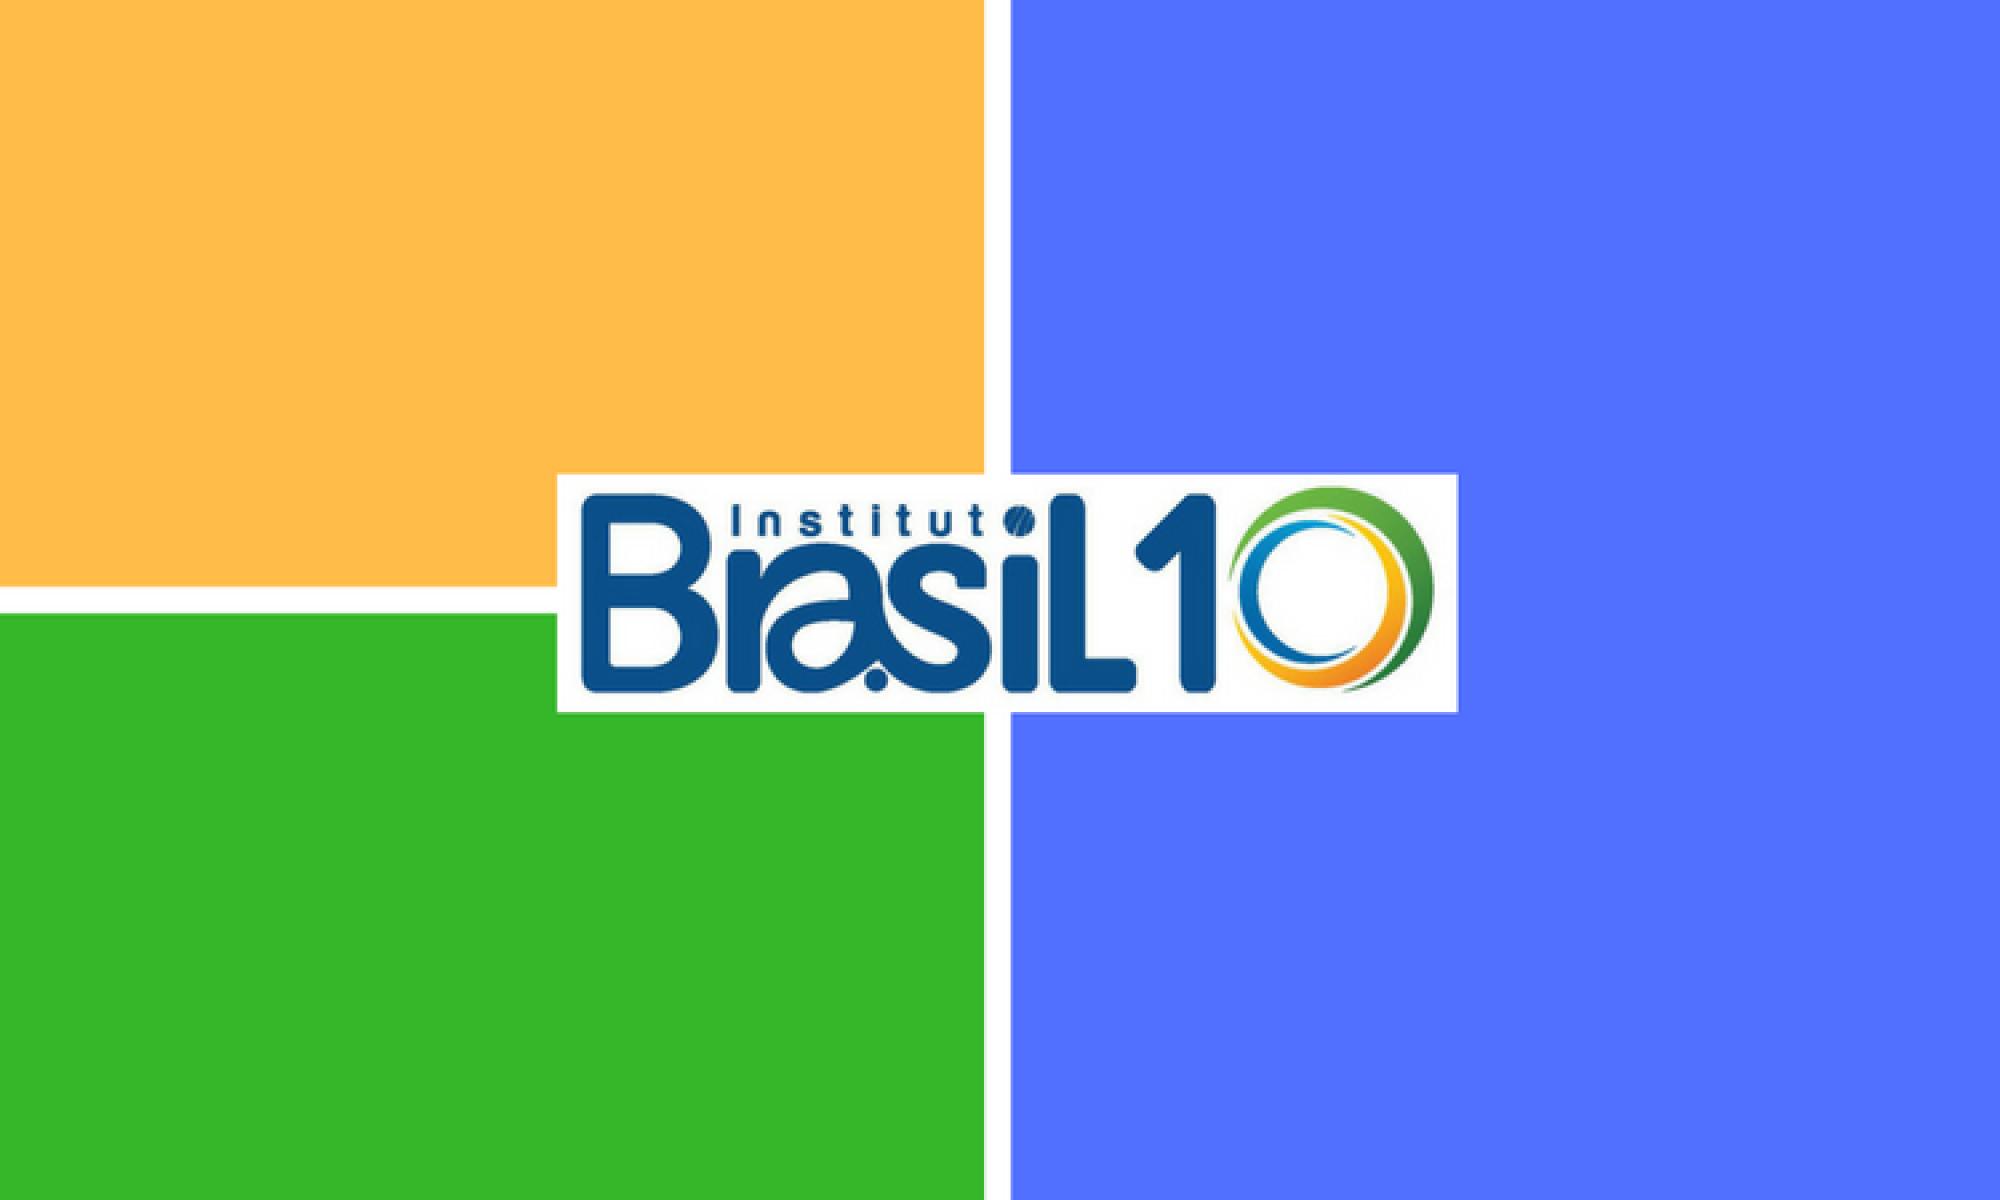 Instituto Brasil 10